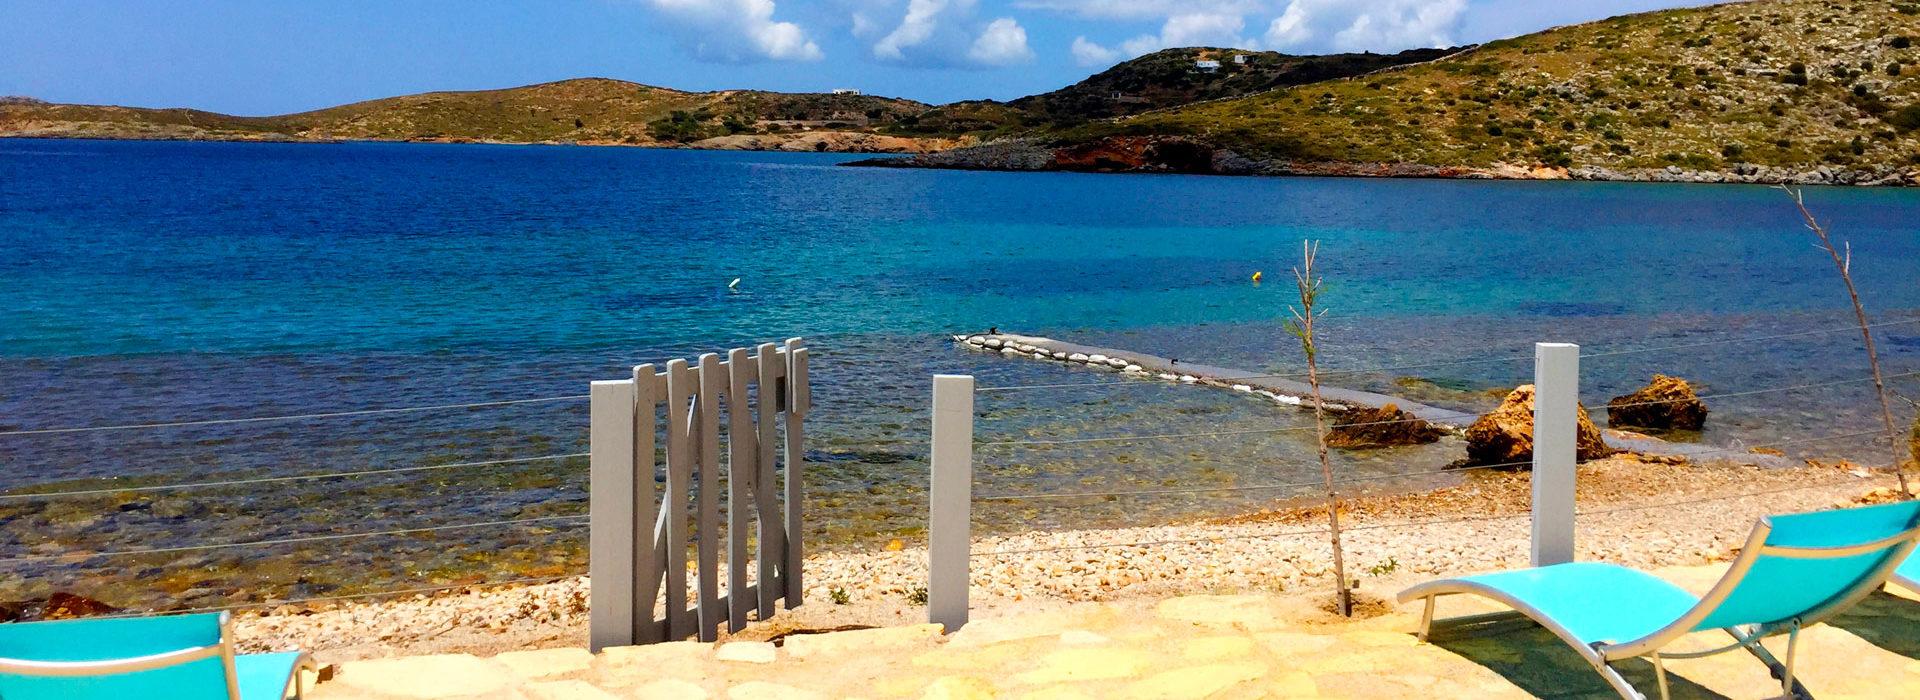 Lipsi, Location de vacances, maison avec plage privée